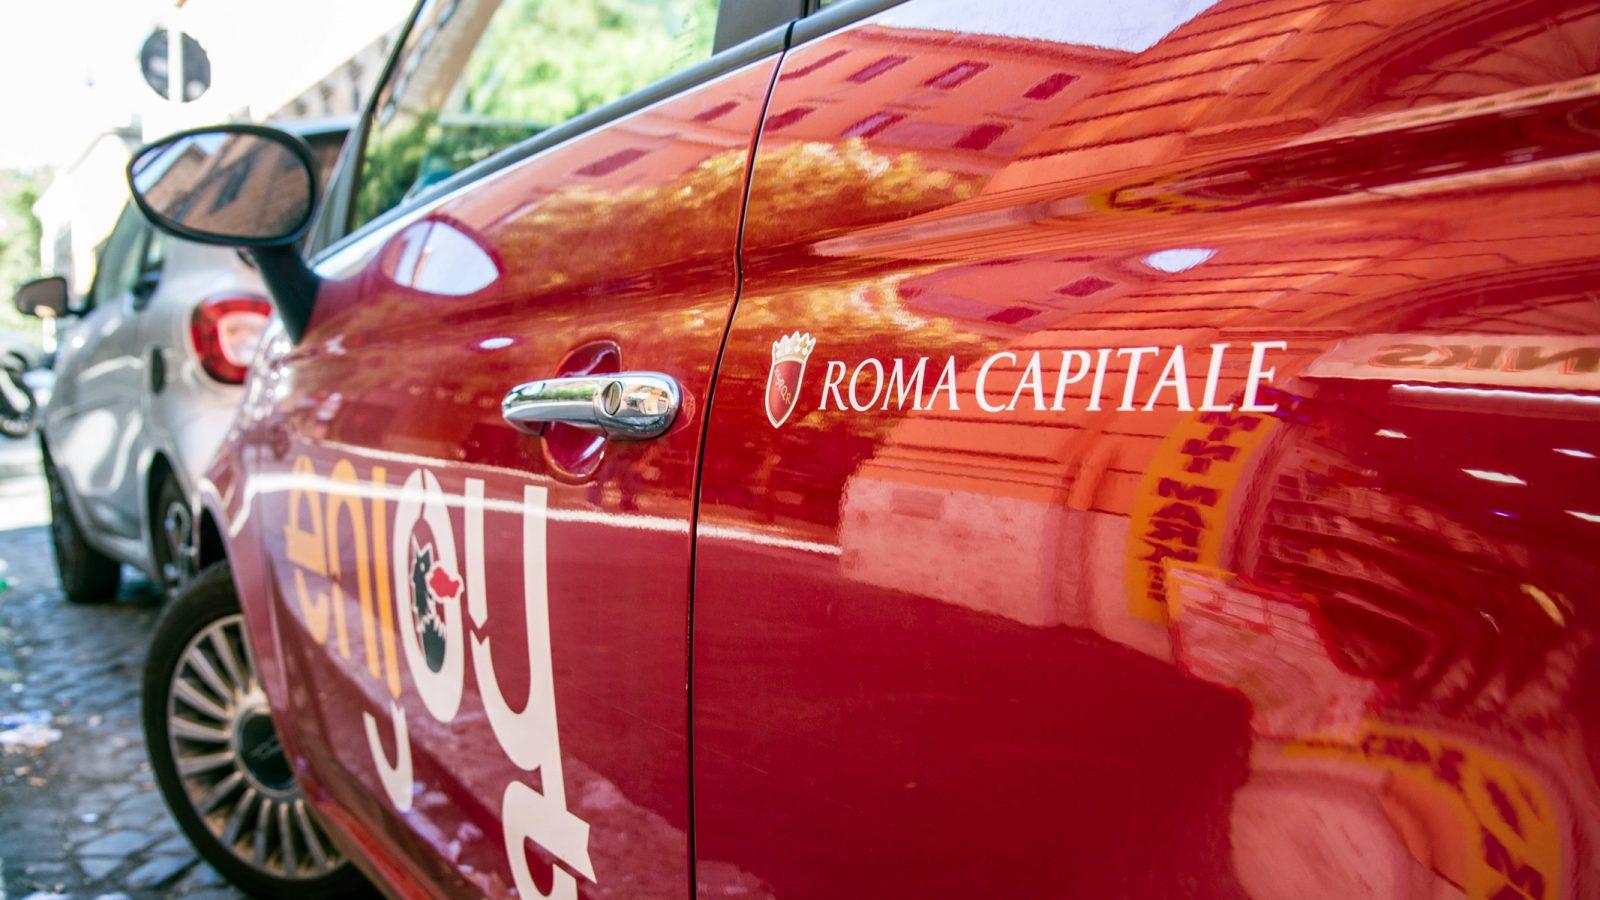 Nuove forme di mobilità, il car sharing (fonte: Imagoeconomica)